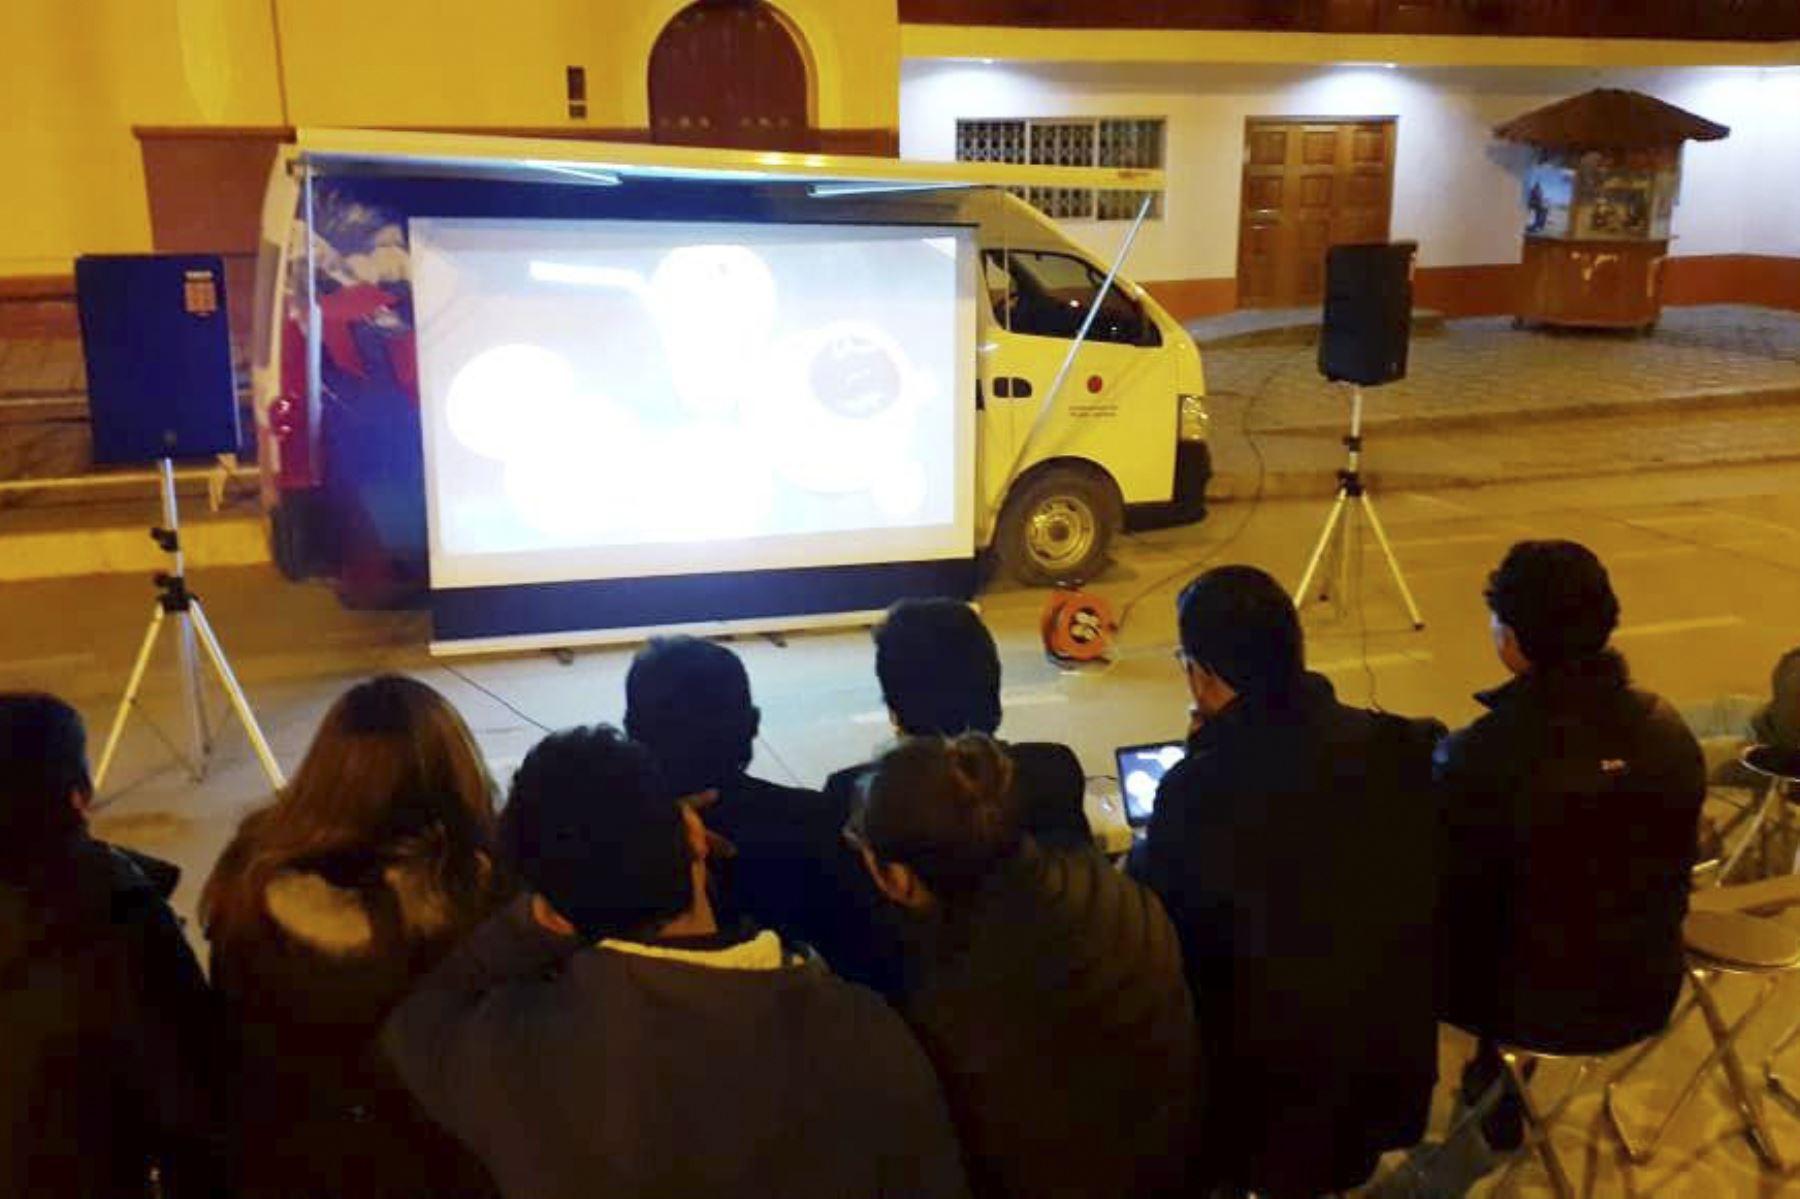 Una unidad móvil equipada con un proyector, pantalla móvil, sistema de sonido, micrófono para la proyección de videos de los atractivos de Cajamarca. Foto: ANDINA/Difusión